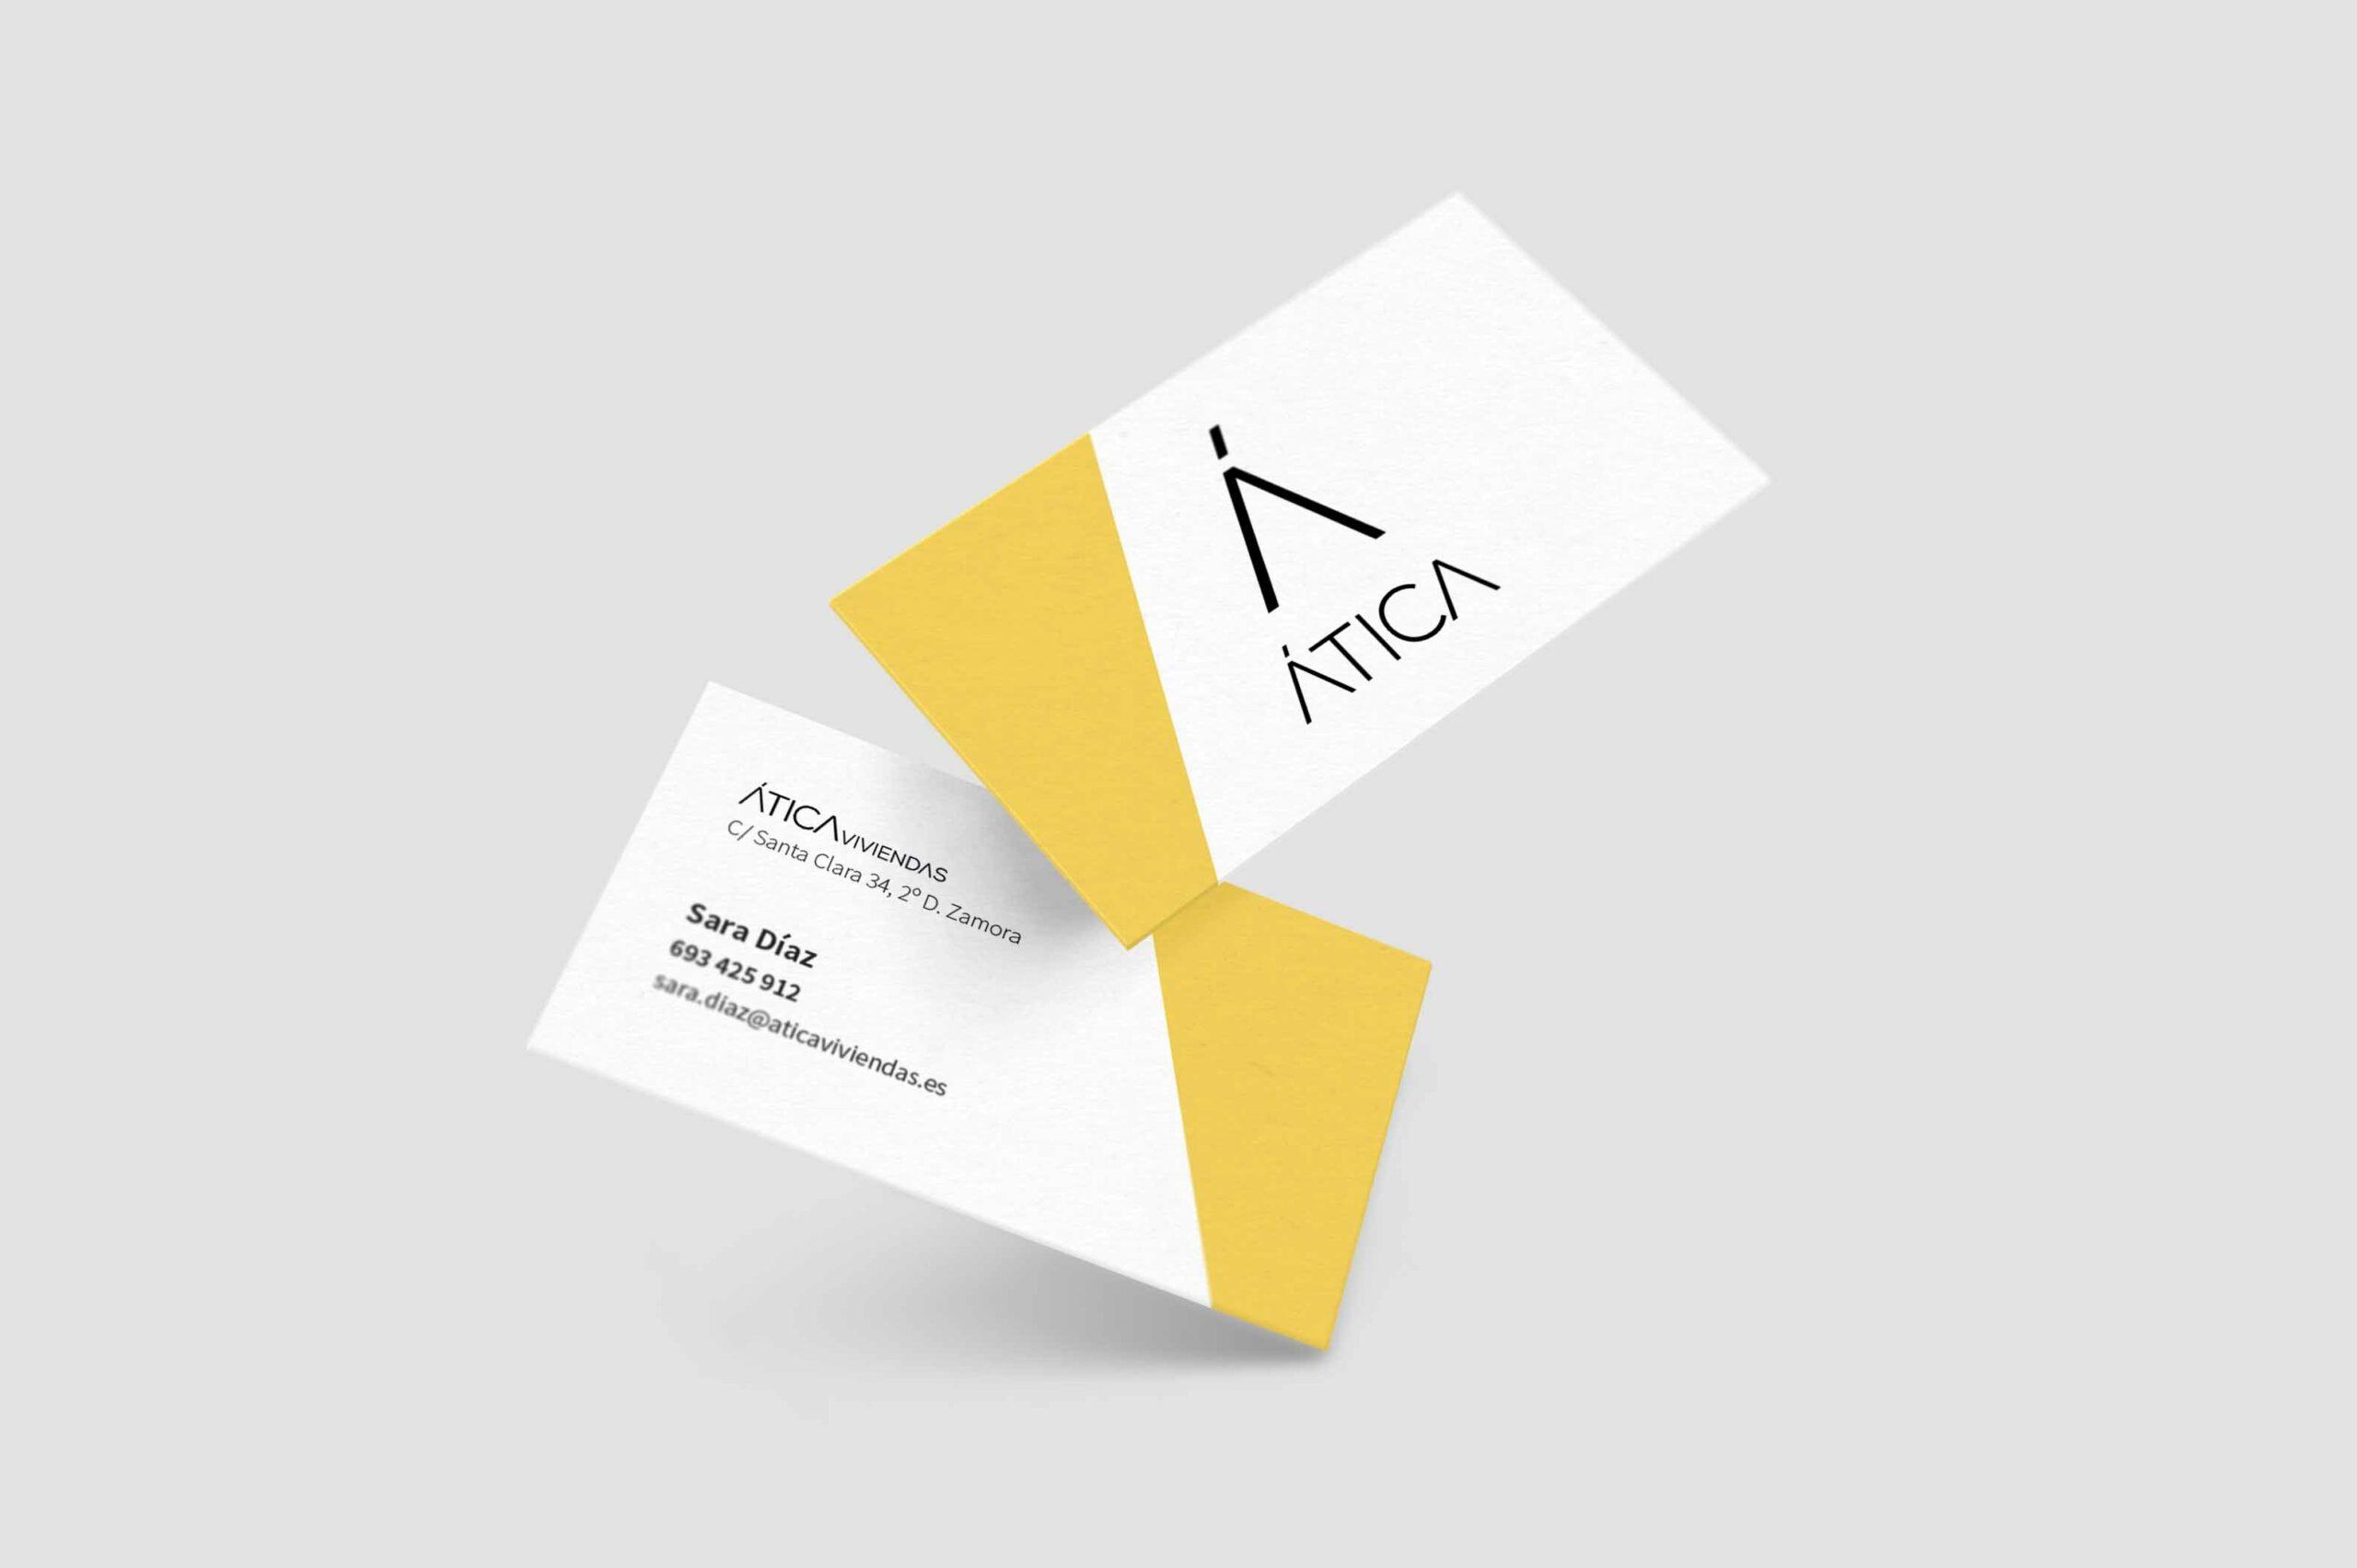 La Otra Comunicación. Agencia de Publicidad Creativa. Diseño Gráfico, WEB, Fotografía profesional